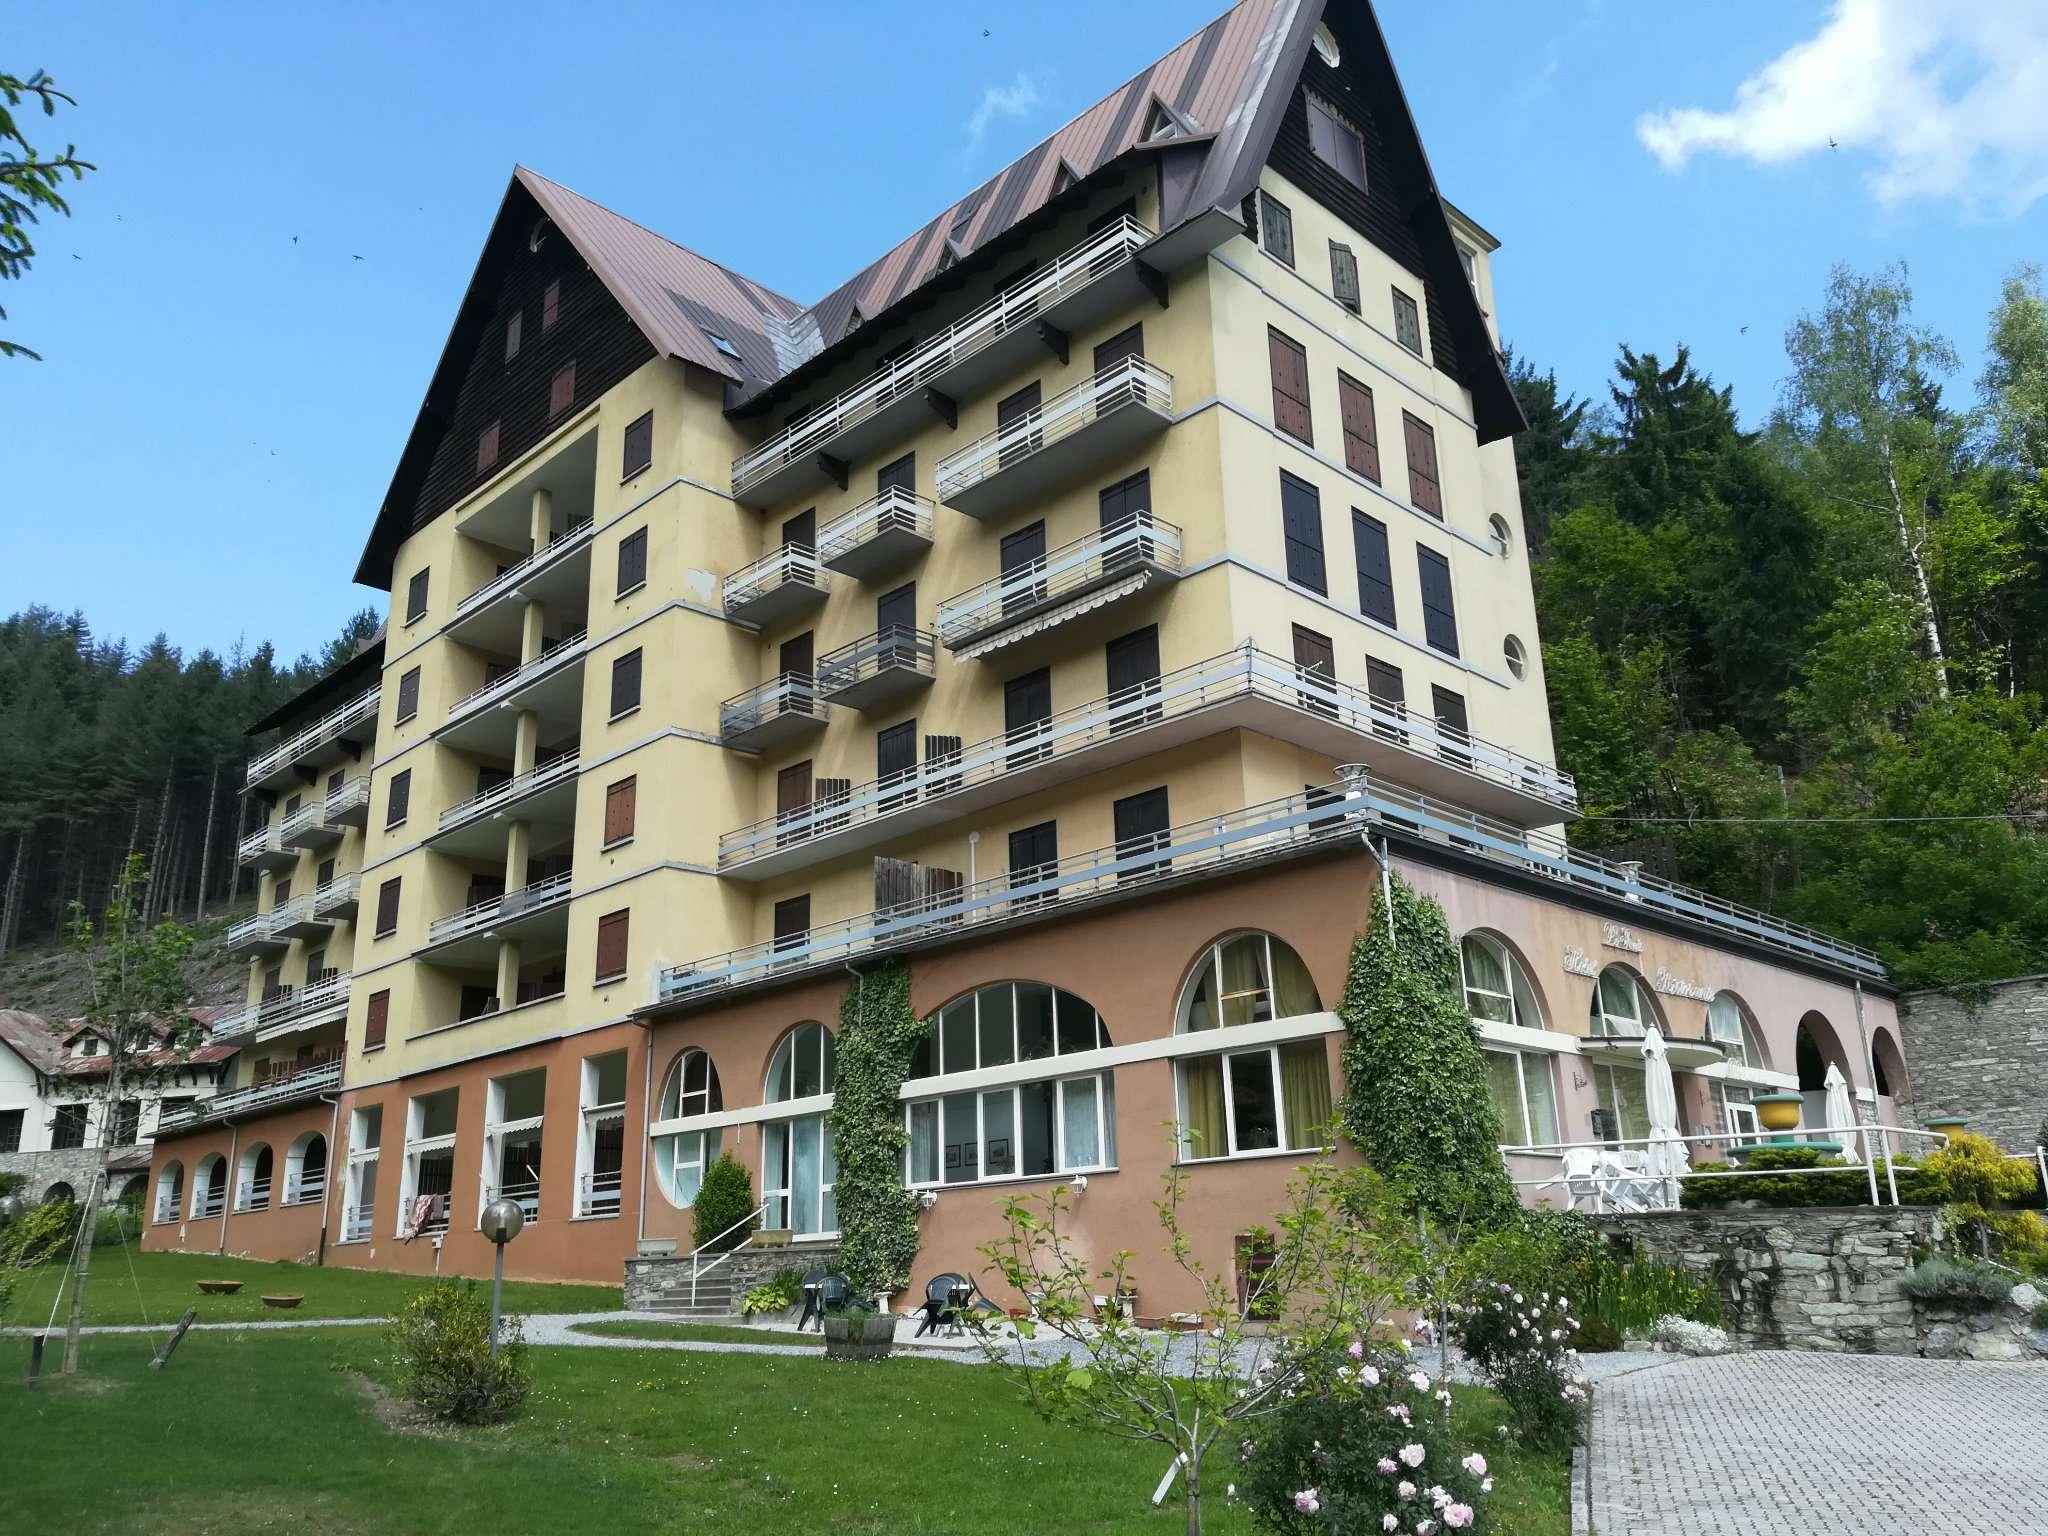 Appartamento in vendita a Roccaforte Mondovì, 3 locali, prezzo € 55.000 | Cambio Casa.it